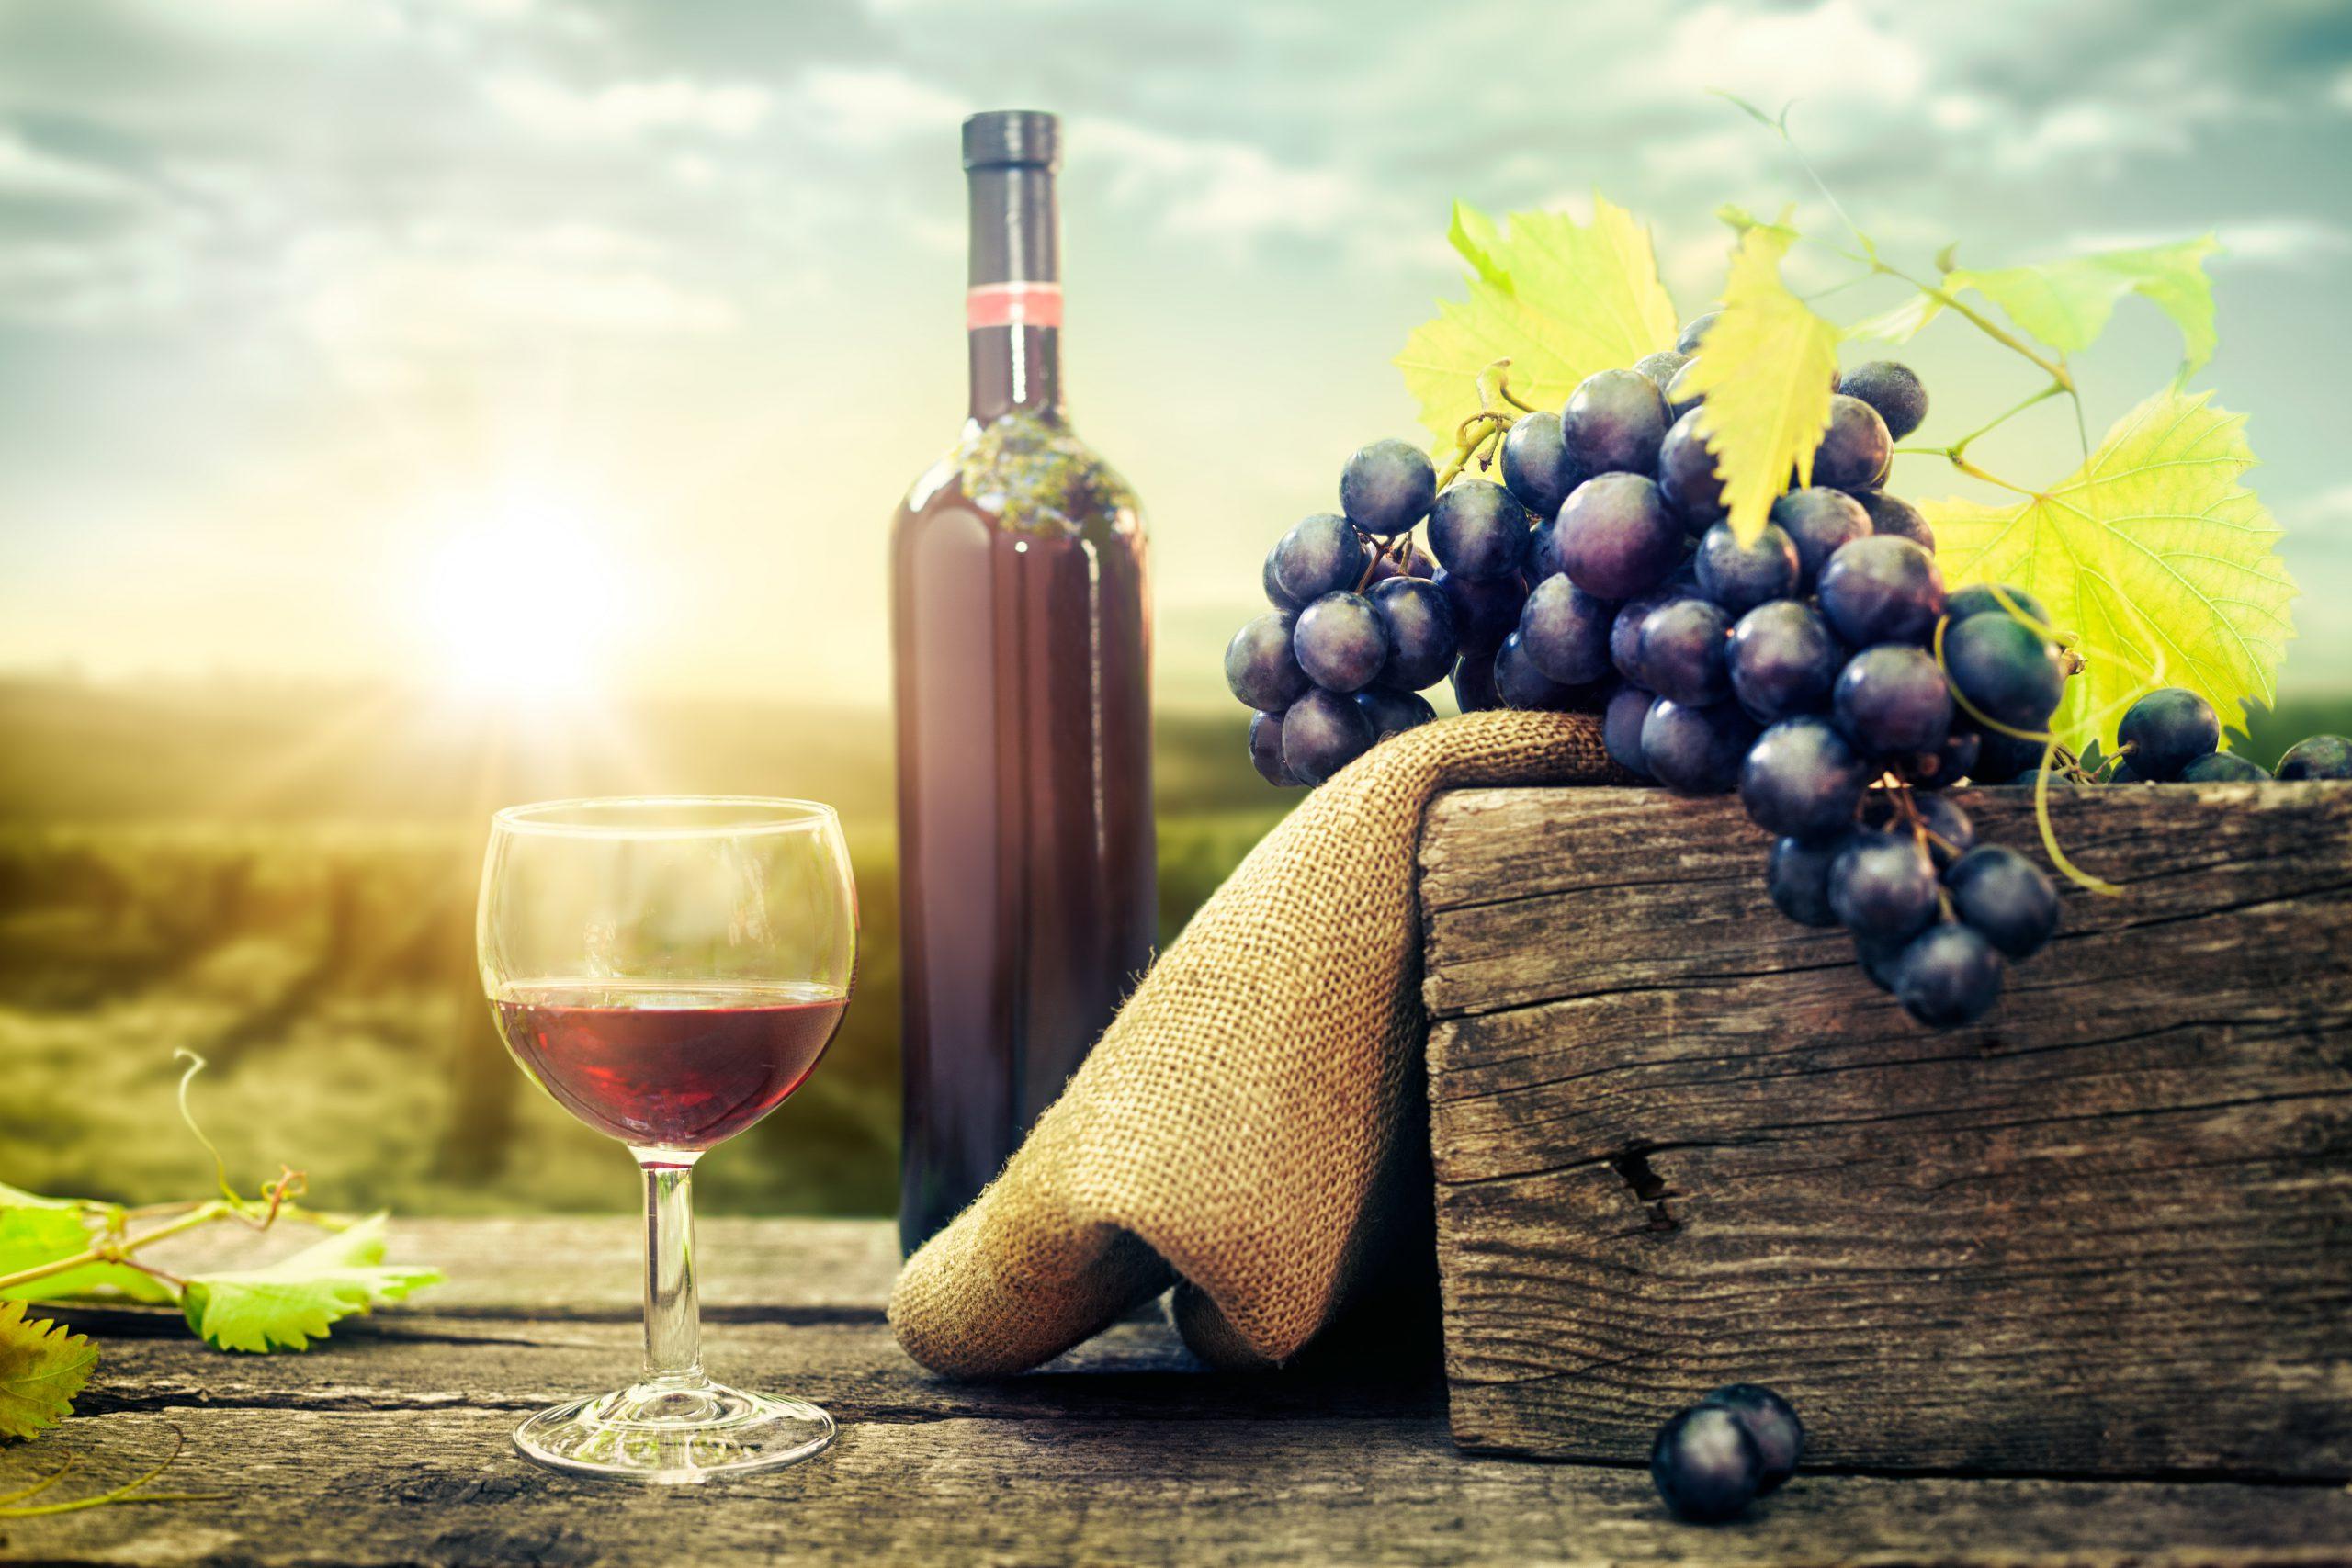 オーストラリアワインの歴史や特長を解説!その魅力とは